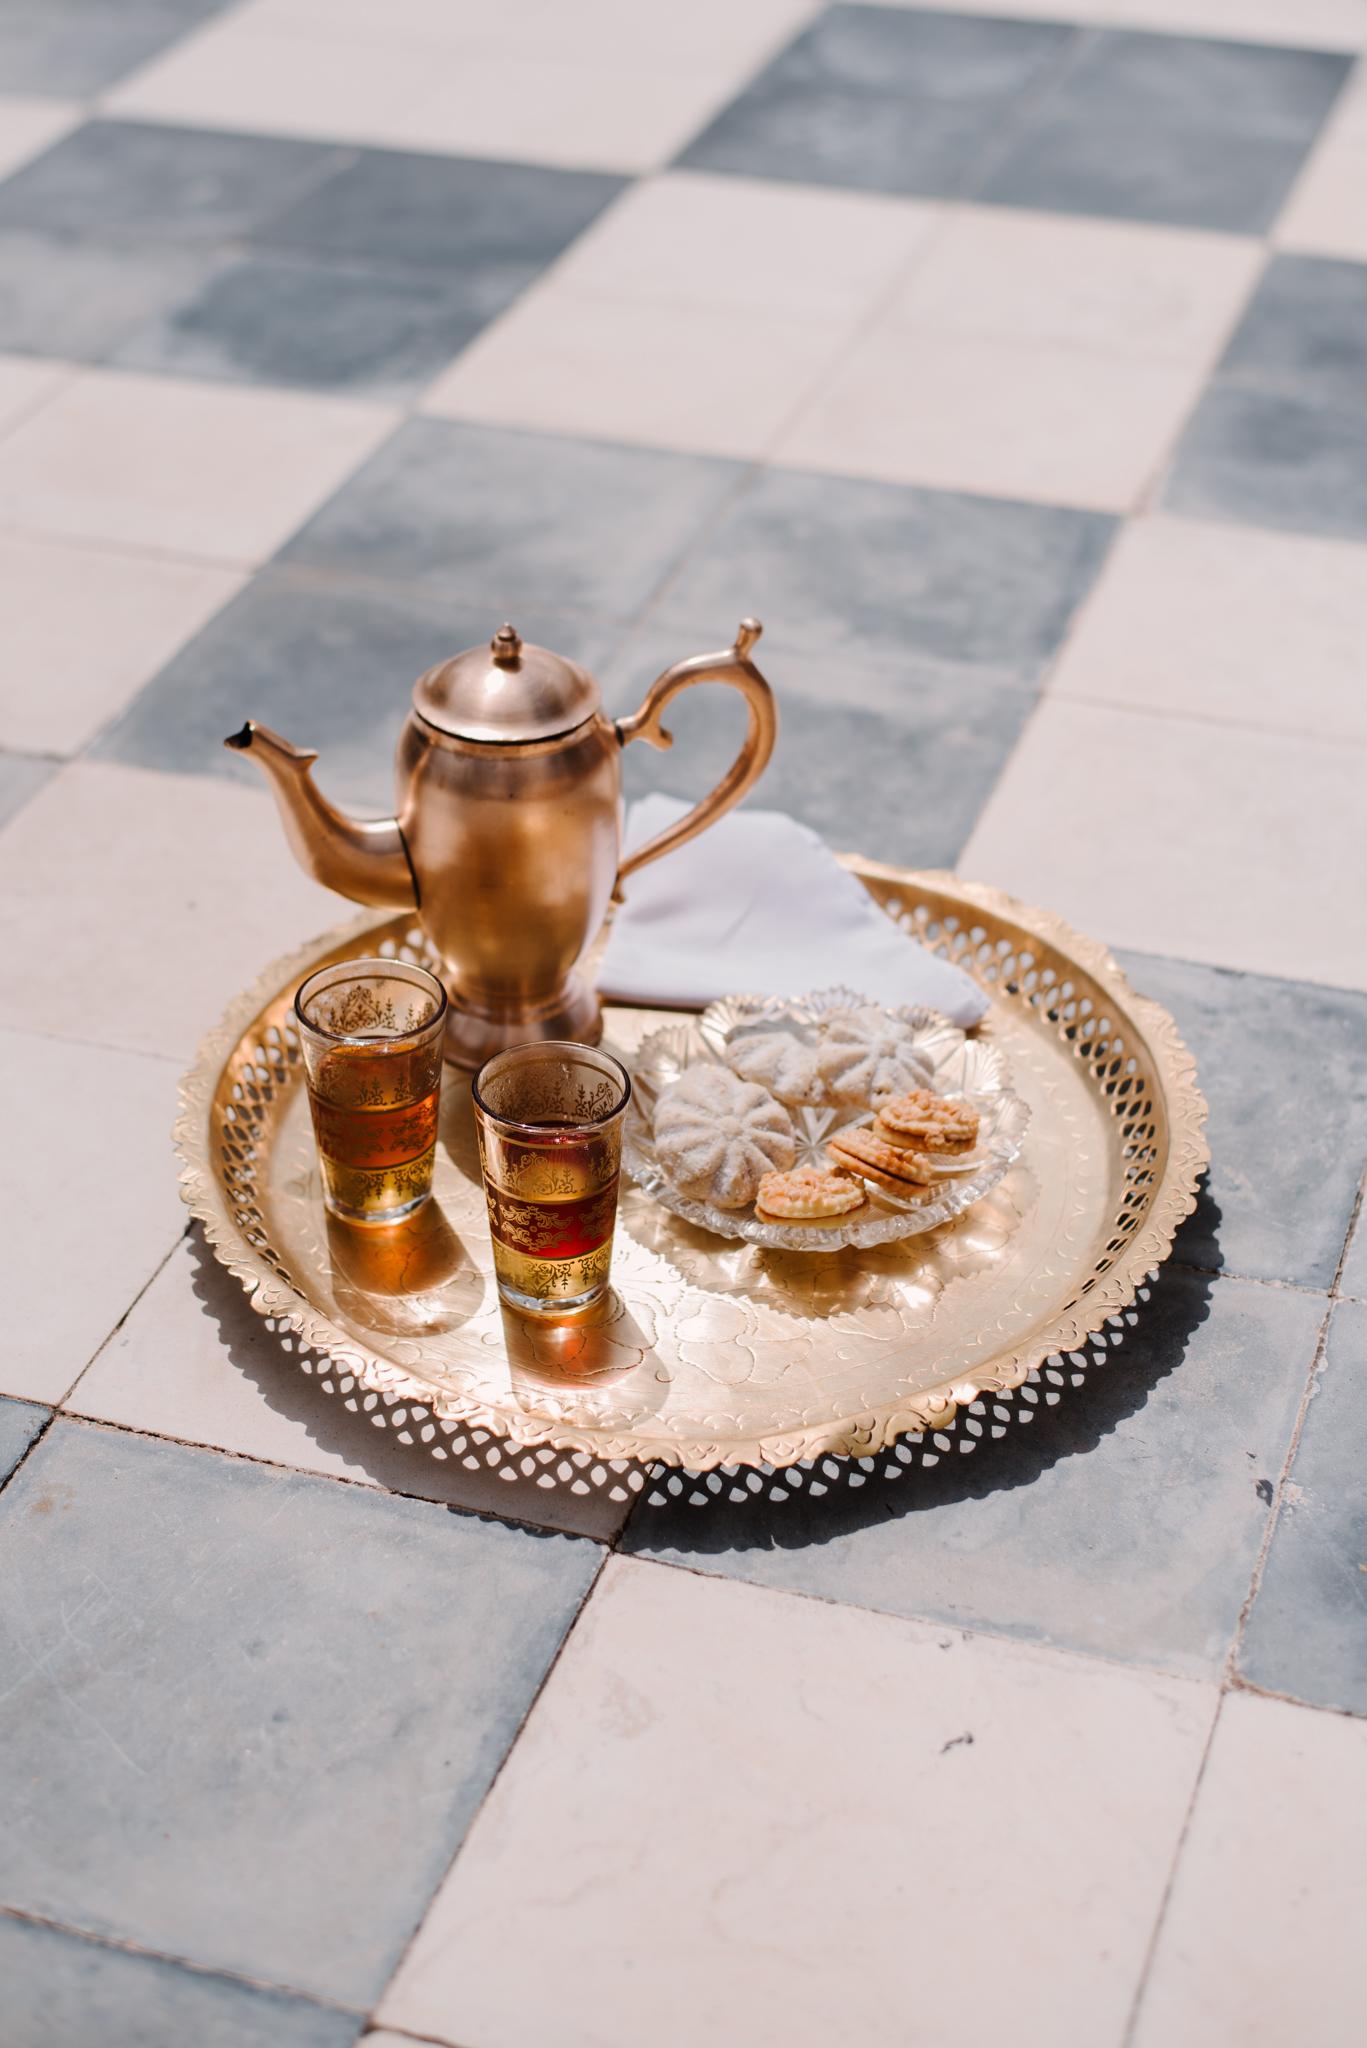 Anoukfotografeert Marokko reis-1